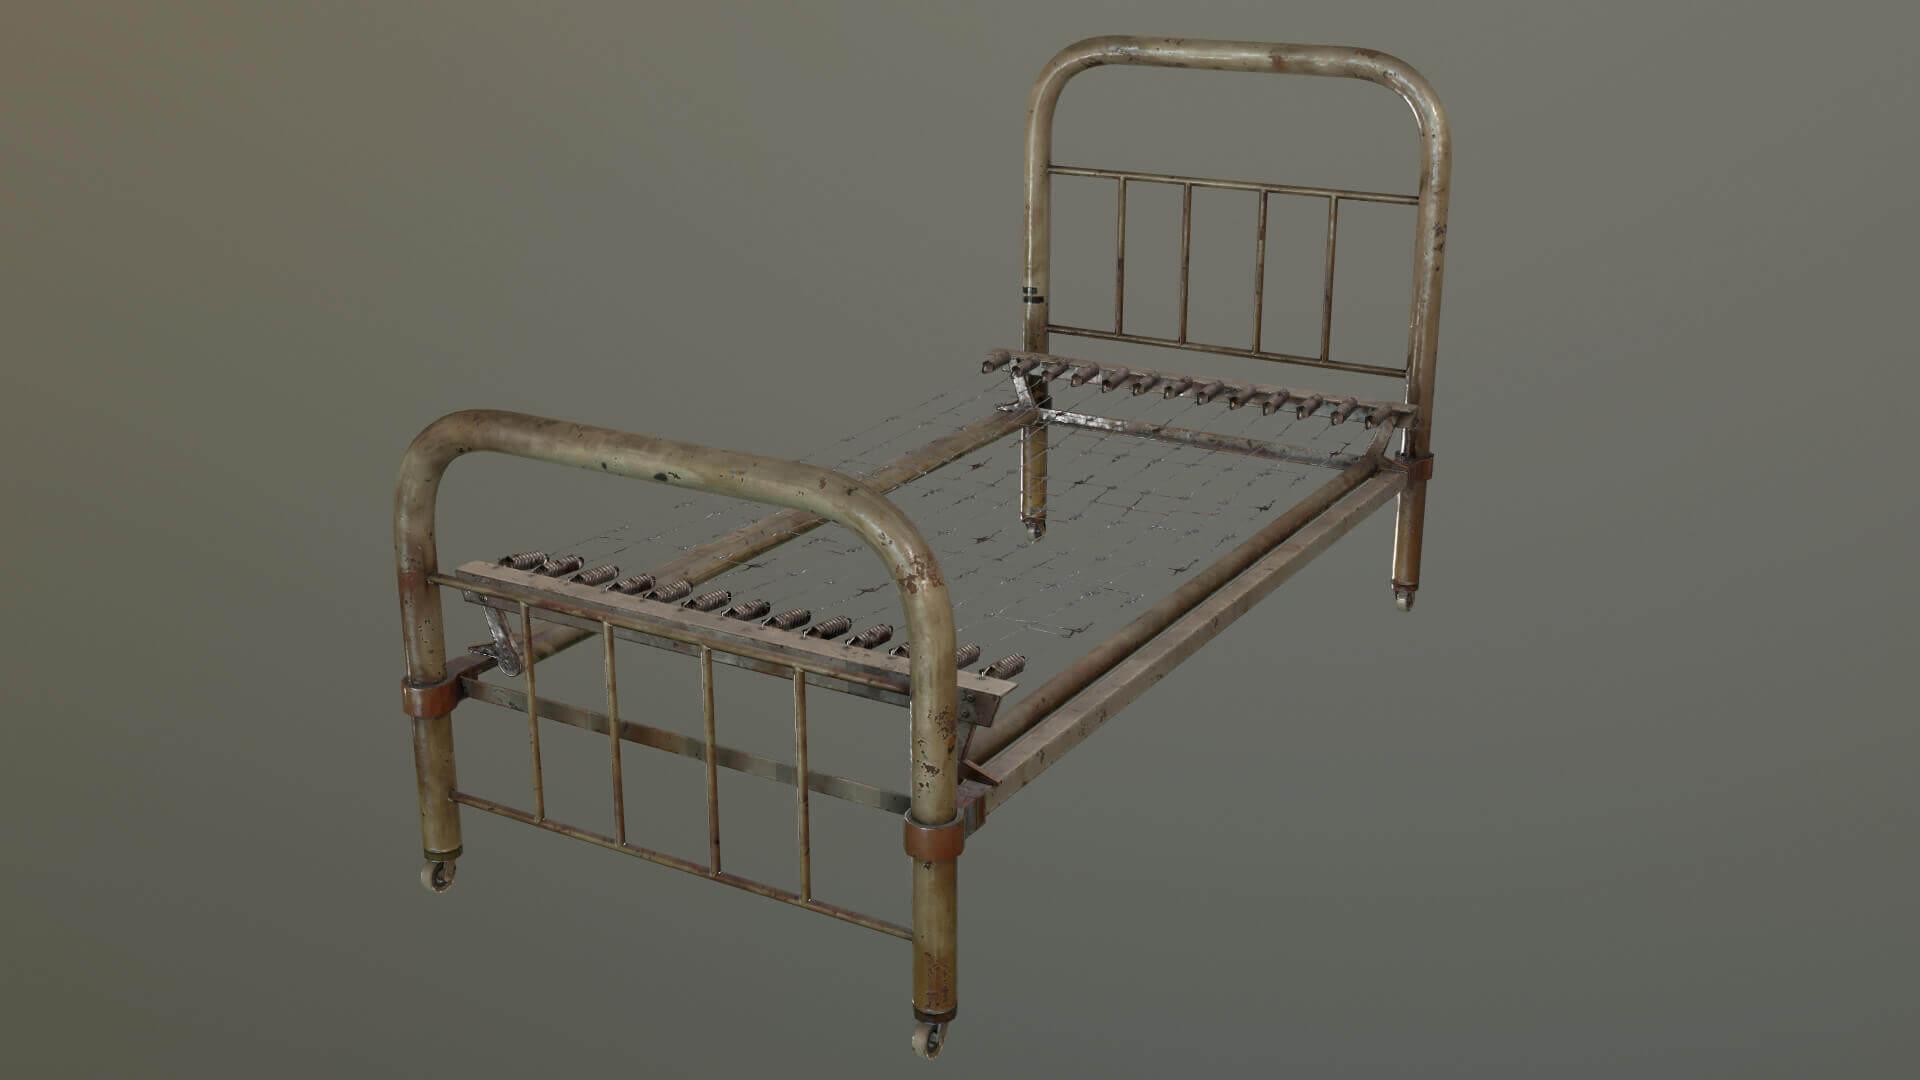 Old Metal Bed Frame 3d Model